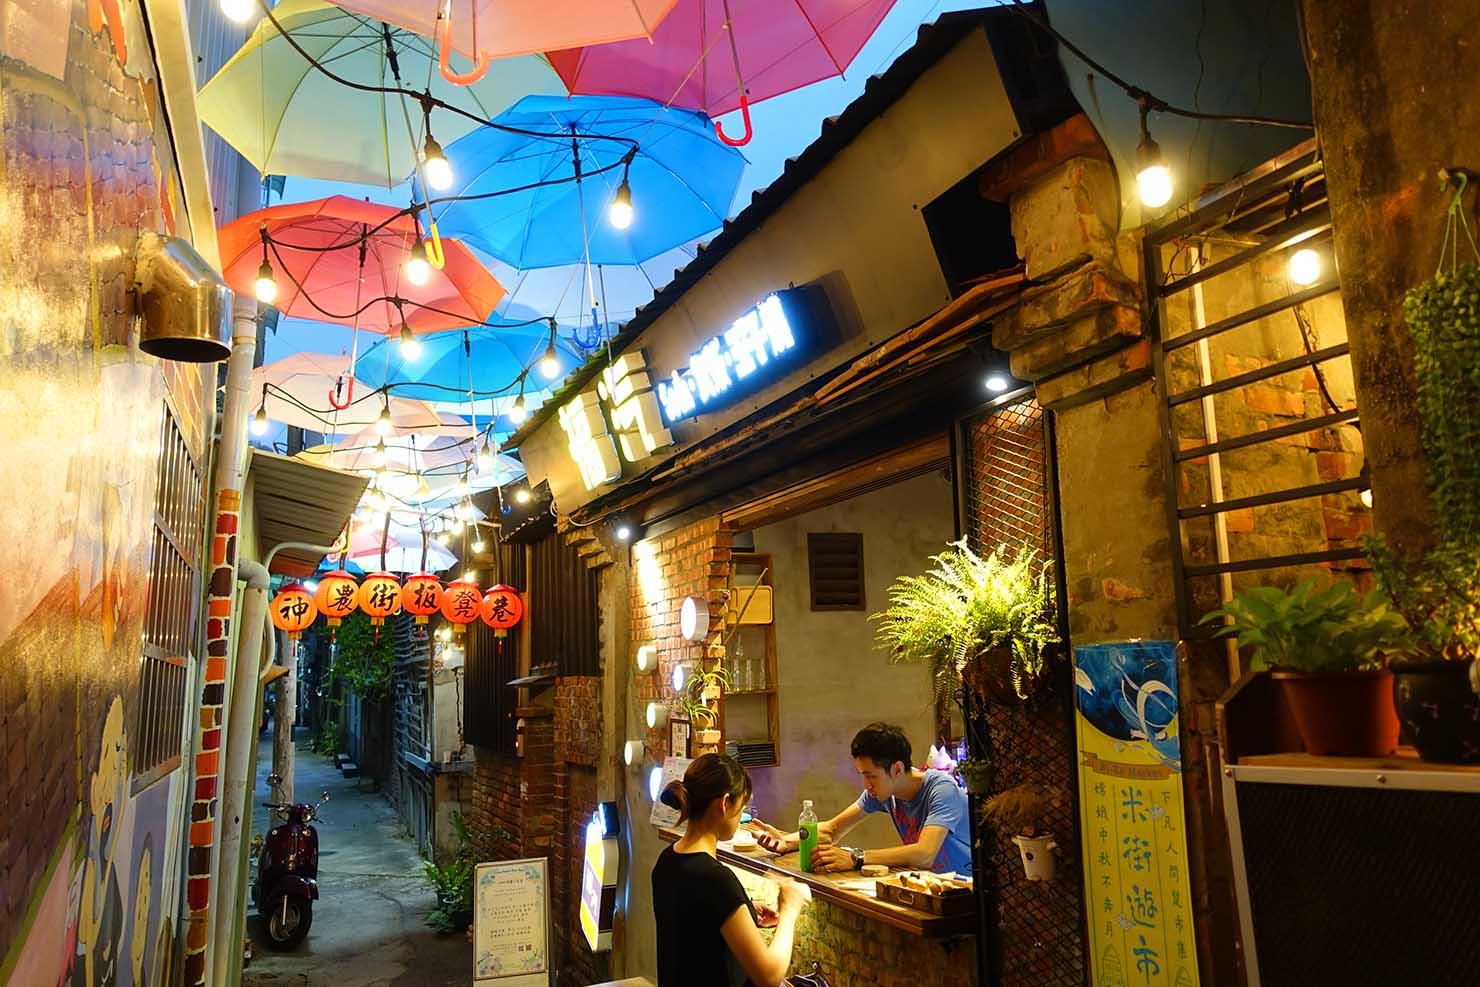 台南の人気レトロストリート・神農街の路地裏